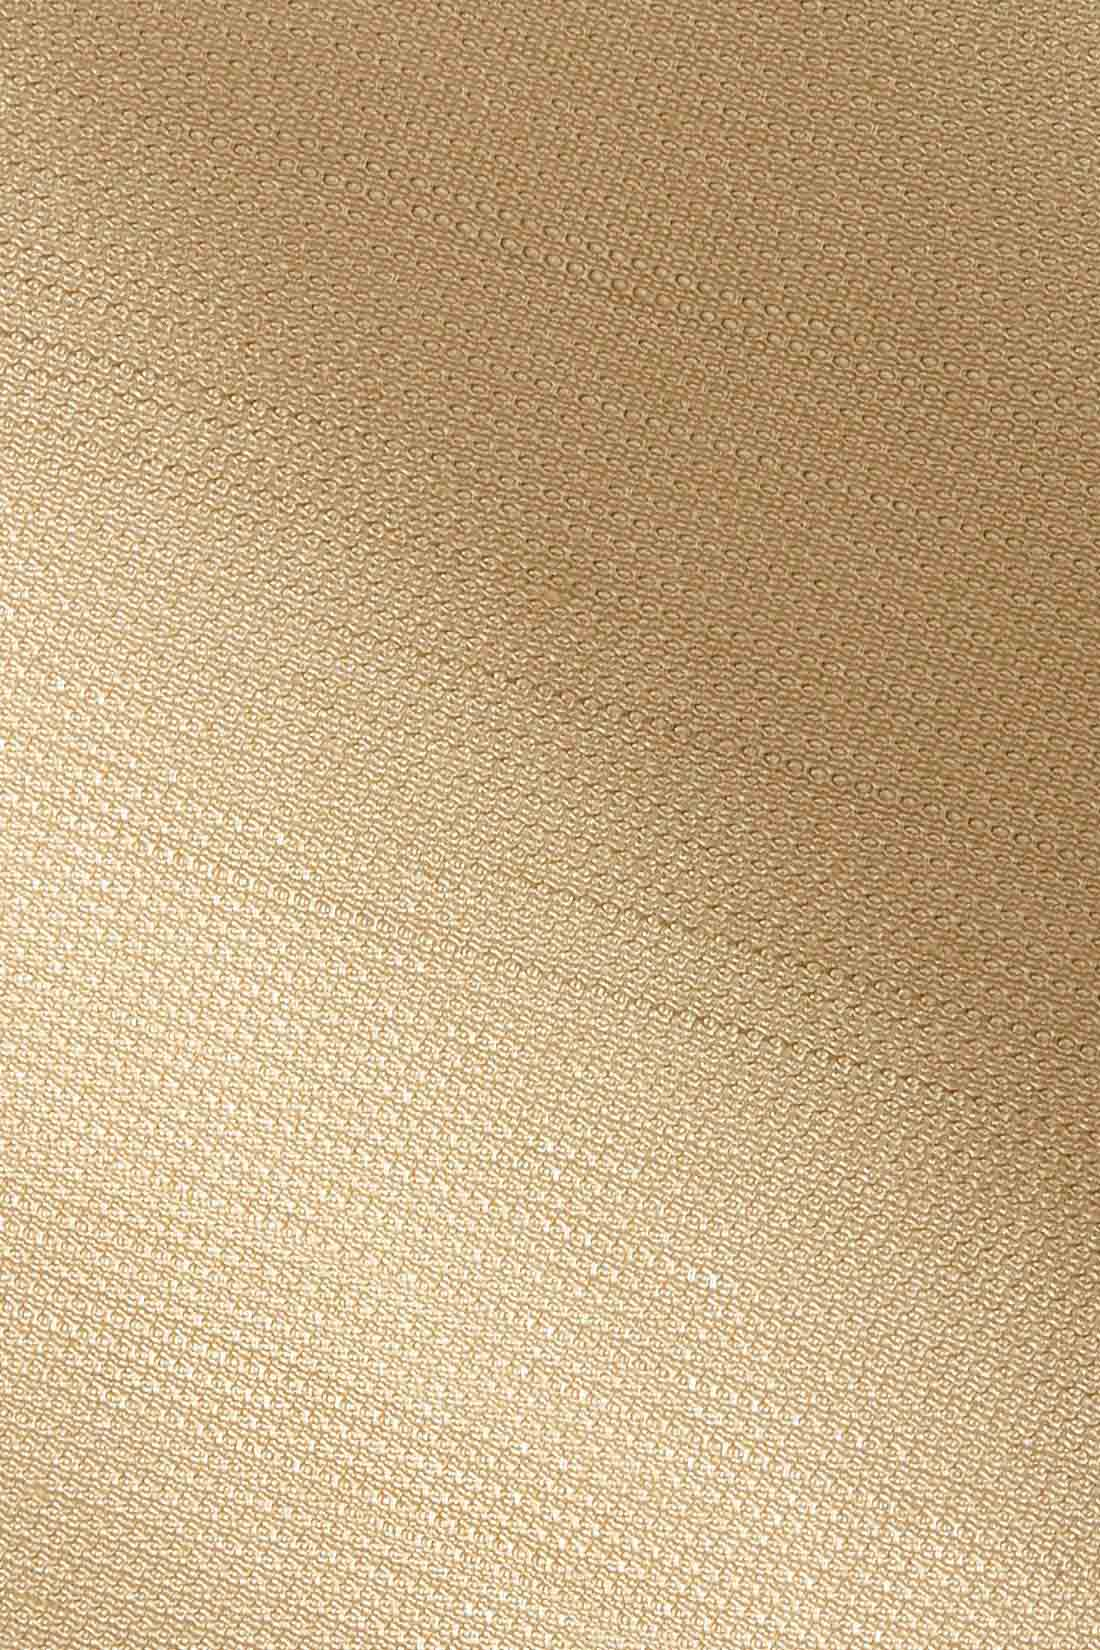 ニュアンスある表面感とイージーケア。 変わり織りのスラブヤーンでシャリっときれいめな清涼素材。しわになりやすいギャザーやバルーンディテールを、きれいに着られるのもうれしい。